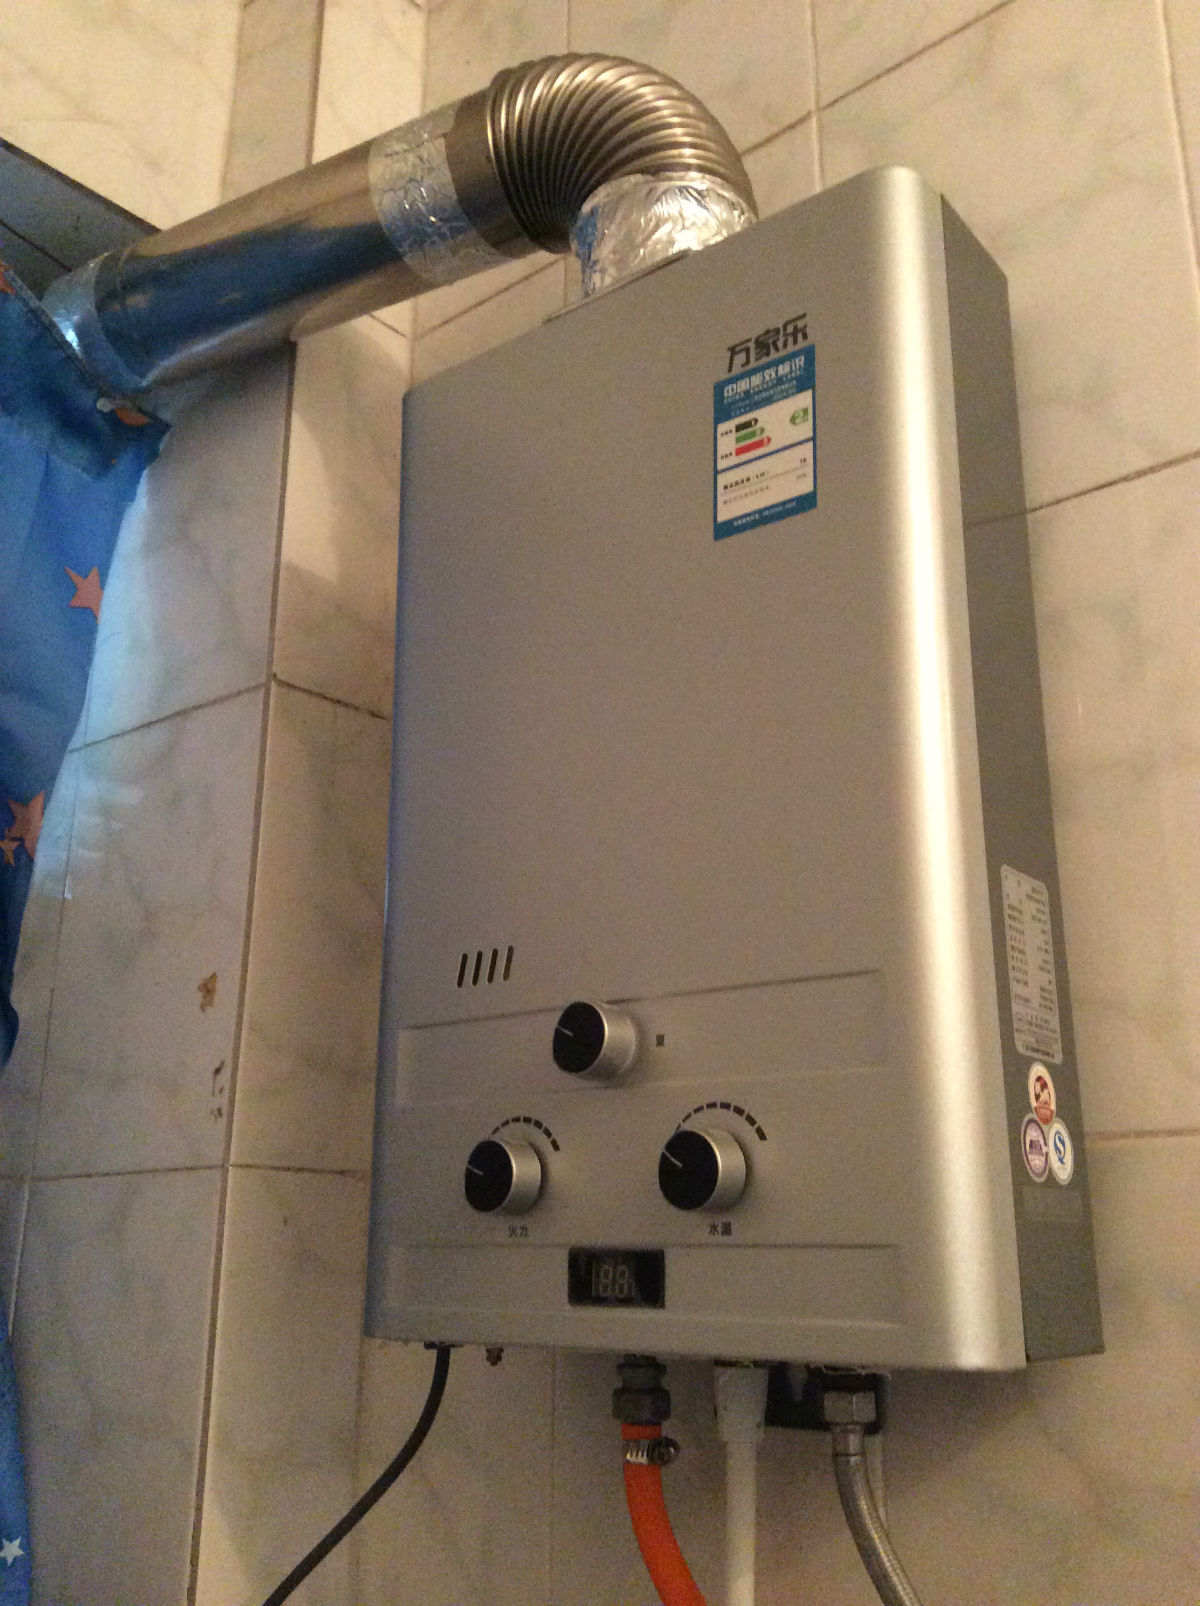 热水器-8l万家乐恒温平衡式热水器,用煤气瓶的,室内使用最安全的,配长